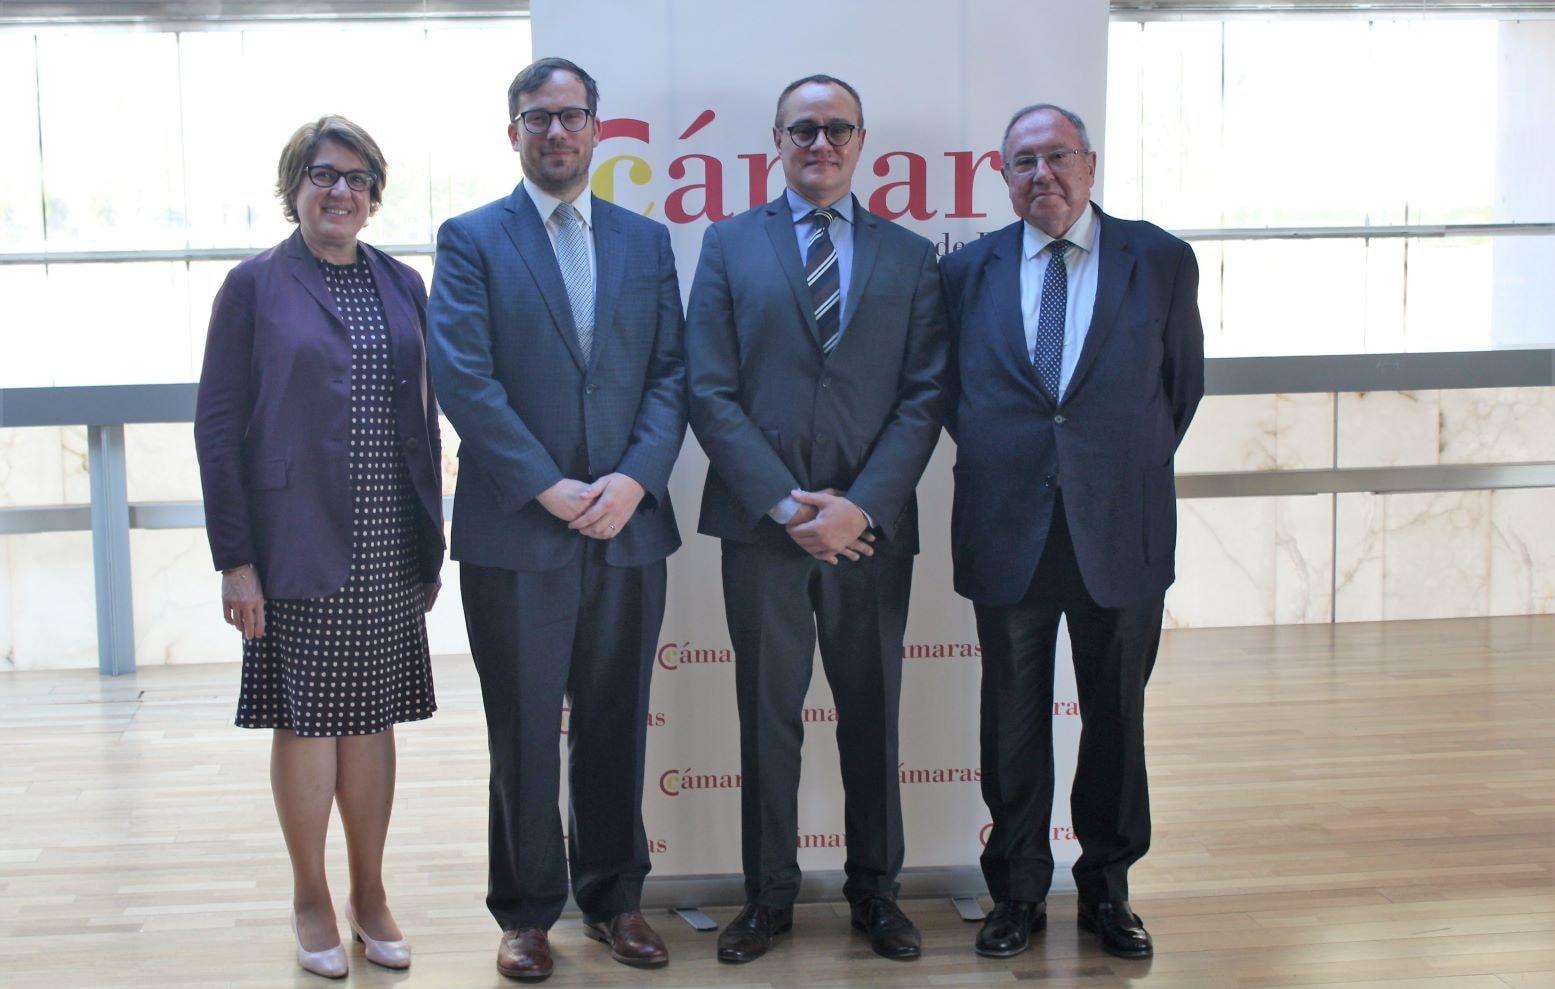 Camara España Banco Mundial Clima empresarial